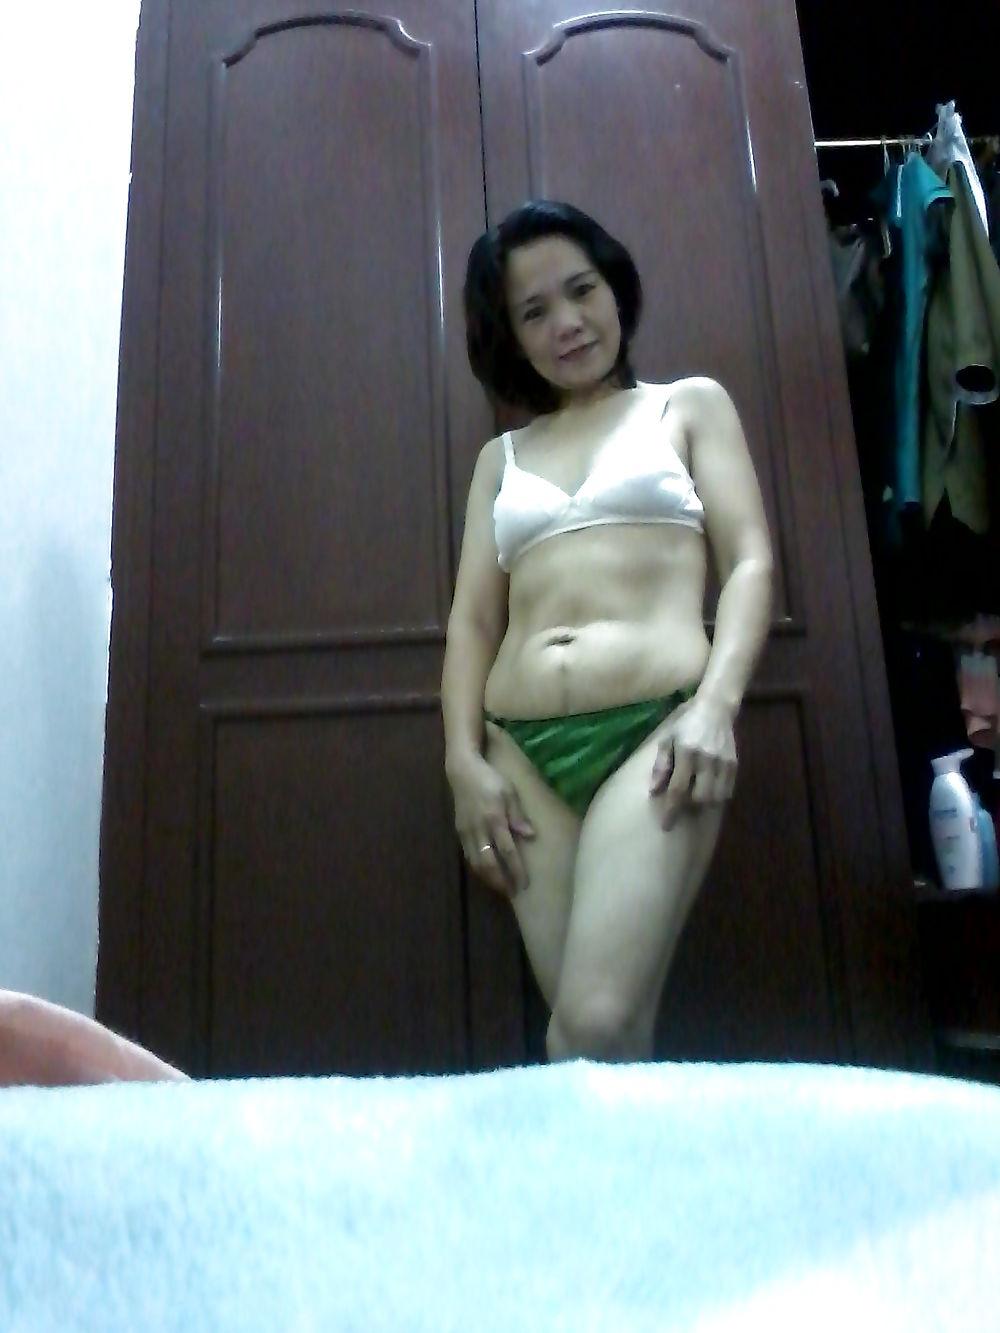 Amatuer mature nude photos-9354